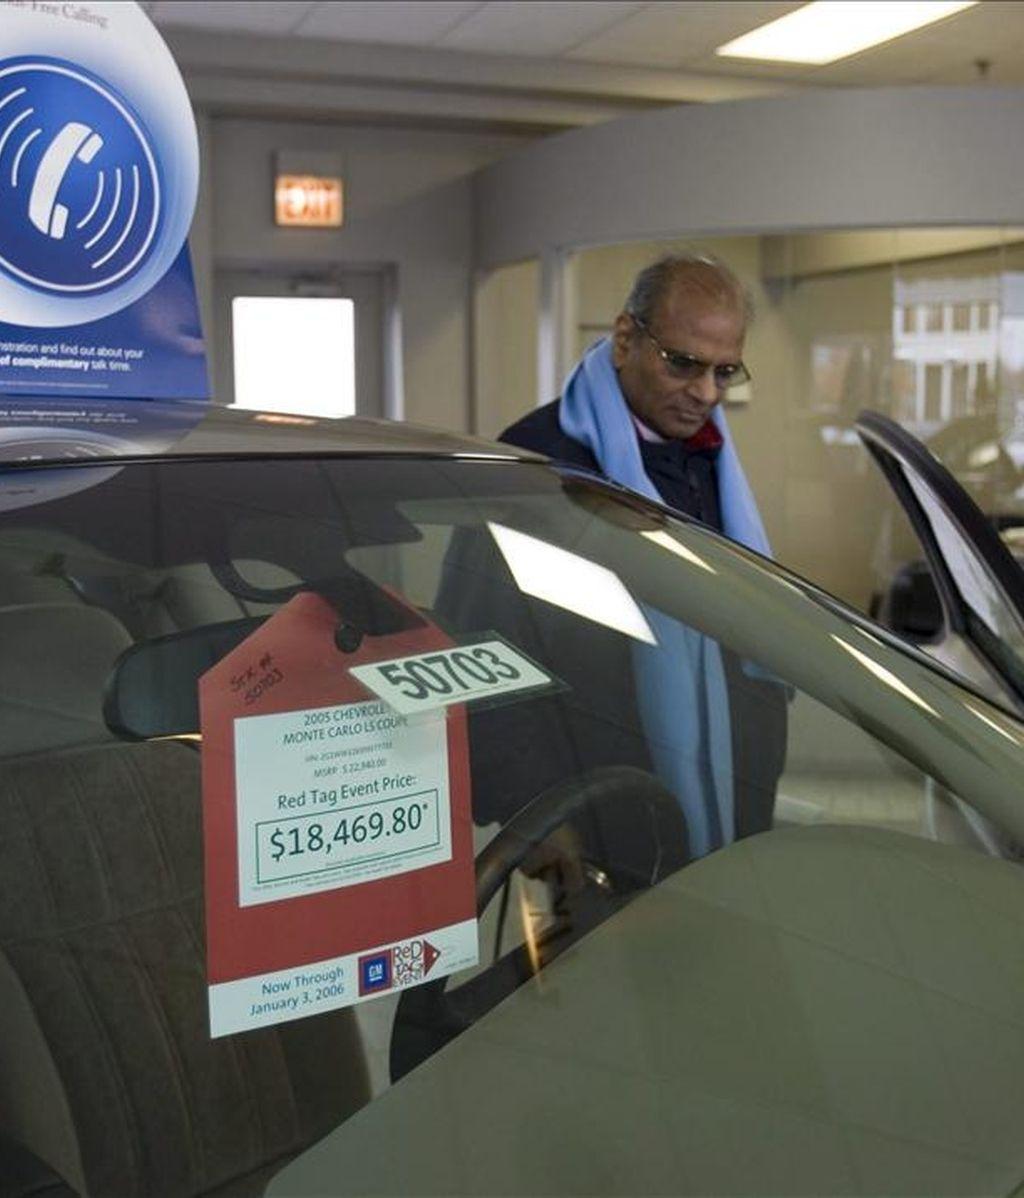 Un coche en un concesionario con descuentos diseñados para bajar los precios hasta en 4.000 dólares (3,400 euros). EFE/Archivo